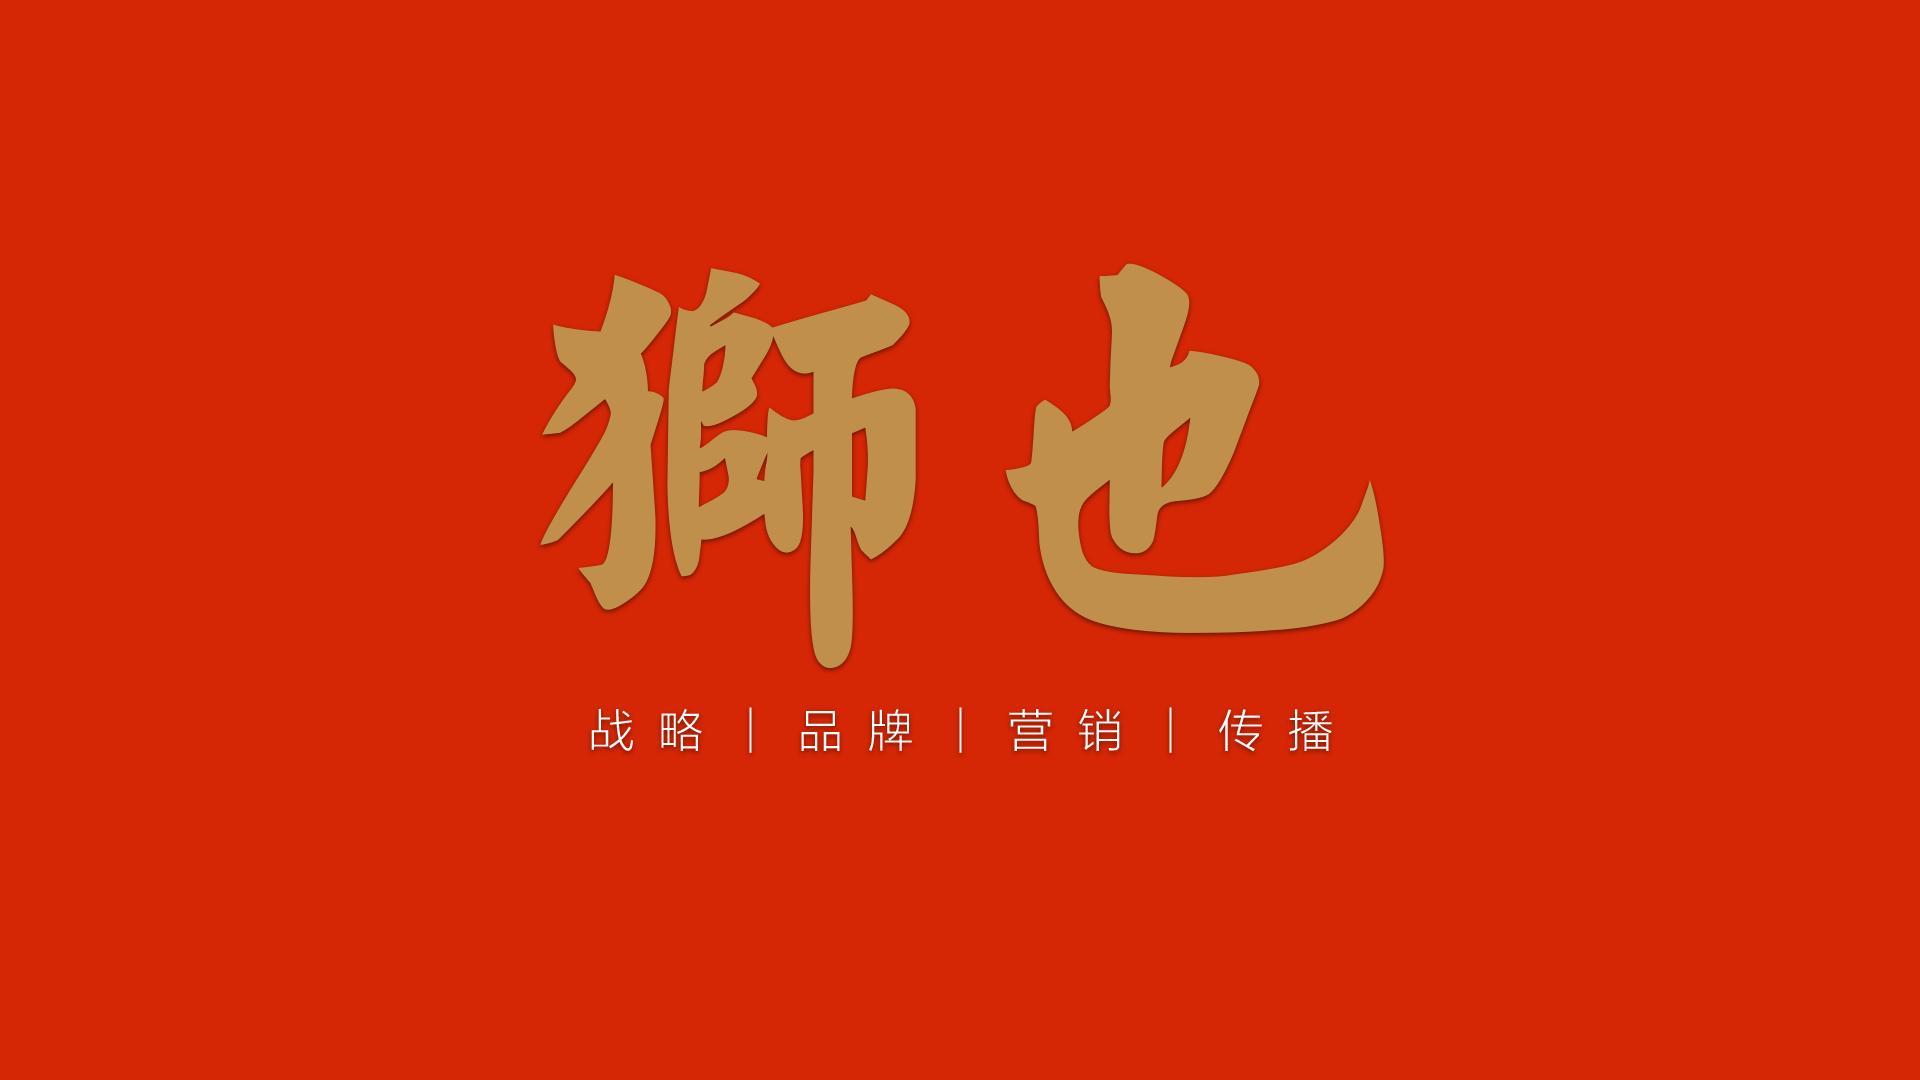 别只死守着微博、微信,社会化营销还可以这么做—山东济南狮也战略品牌营销策划咨询顾问公司